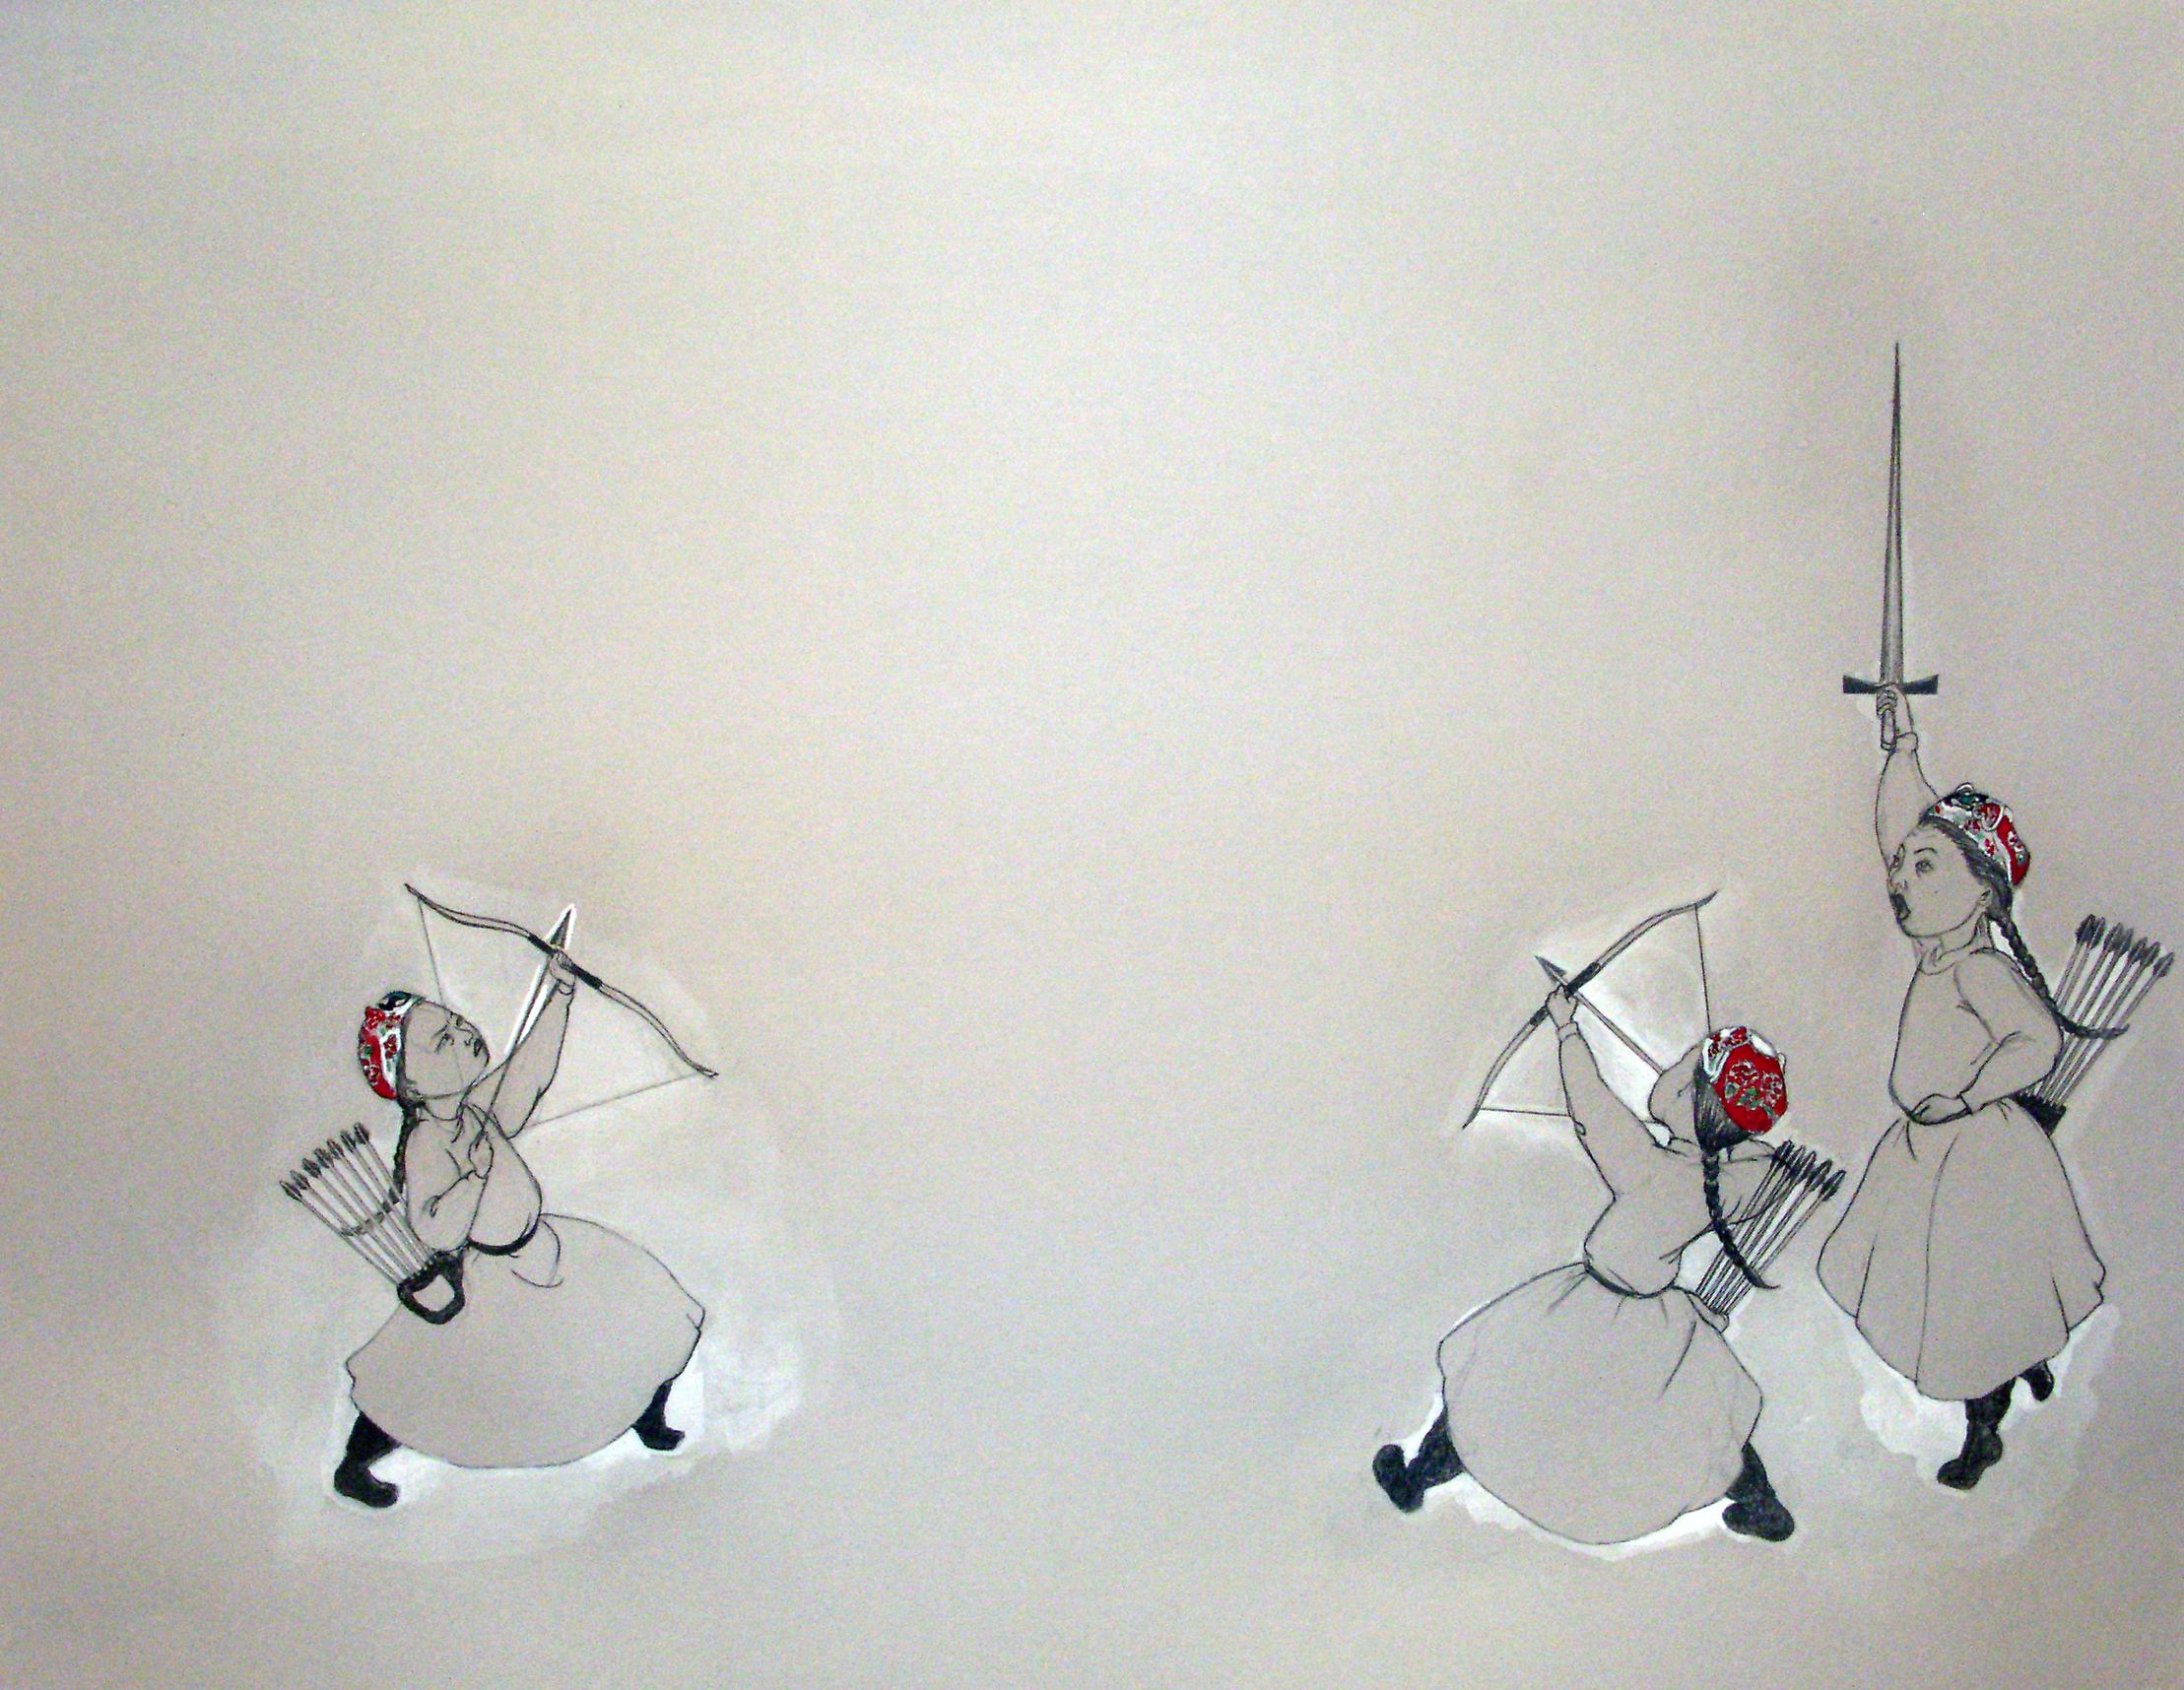 Showdown , 2006 Graphite, watercolor on gray paper 19 X 25 inches Private collection